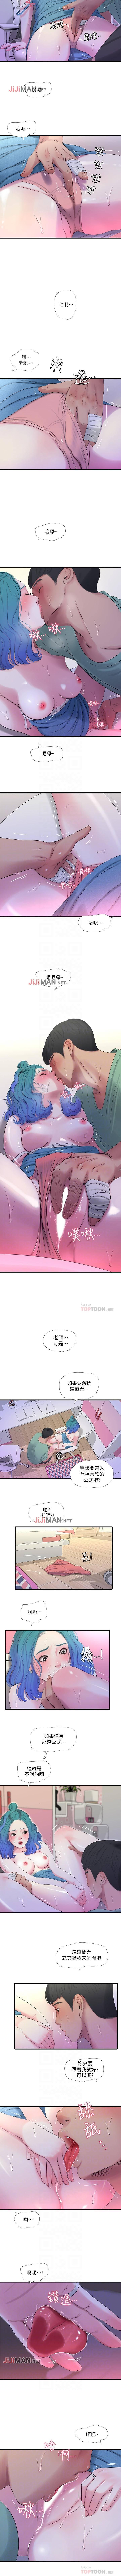 【周四连载】亲家四姐妹(作者:愛摸) 第1~27话 115